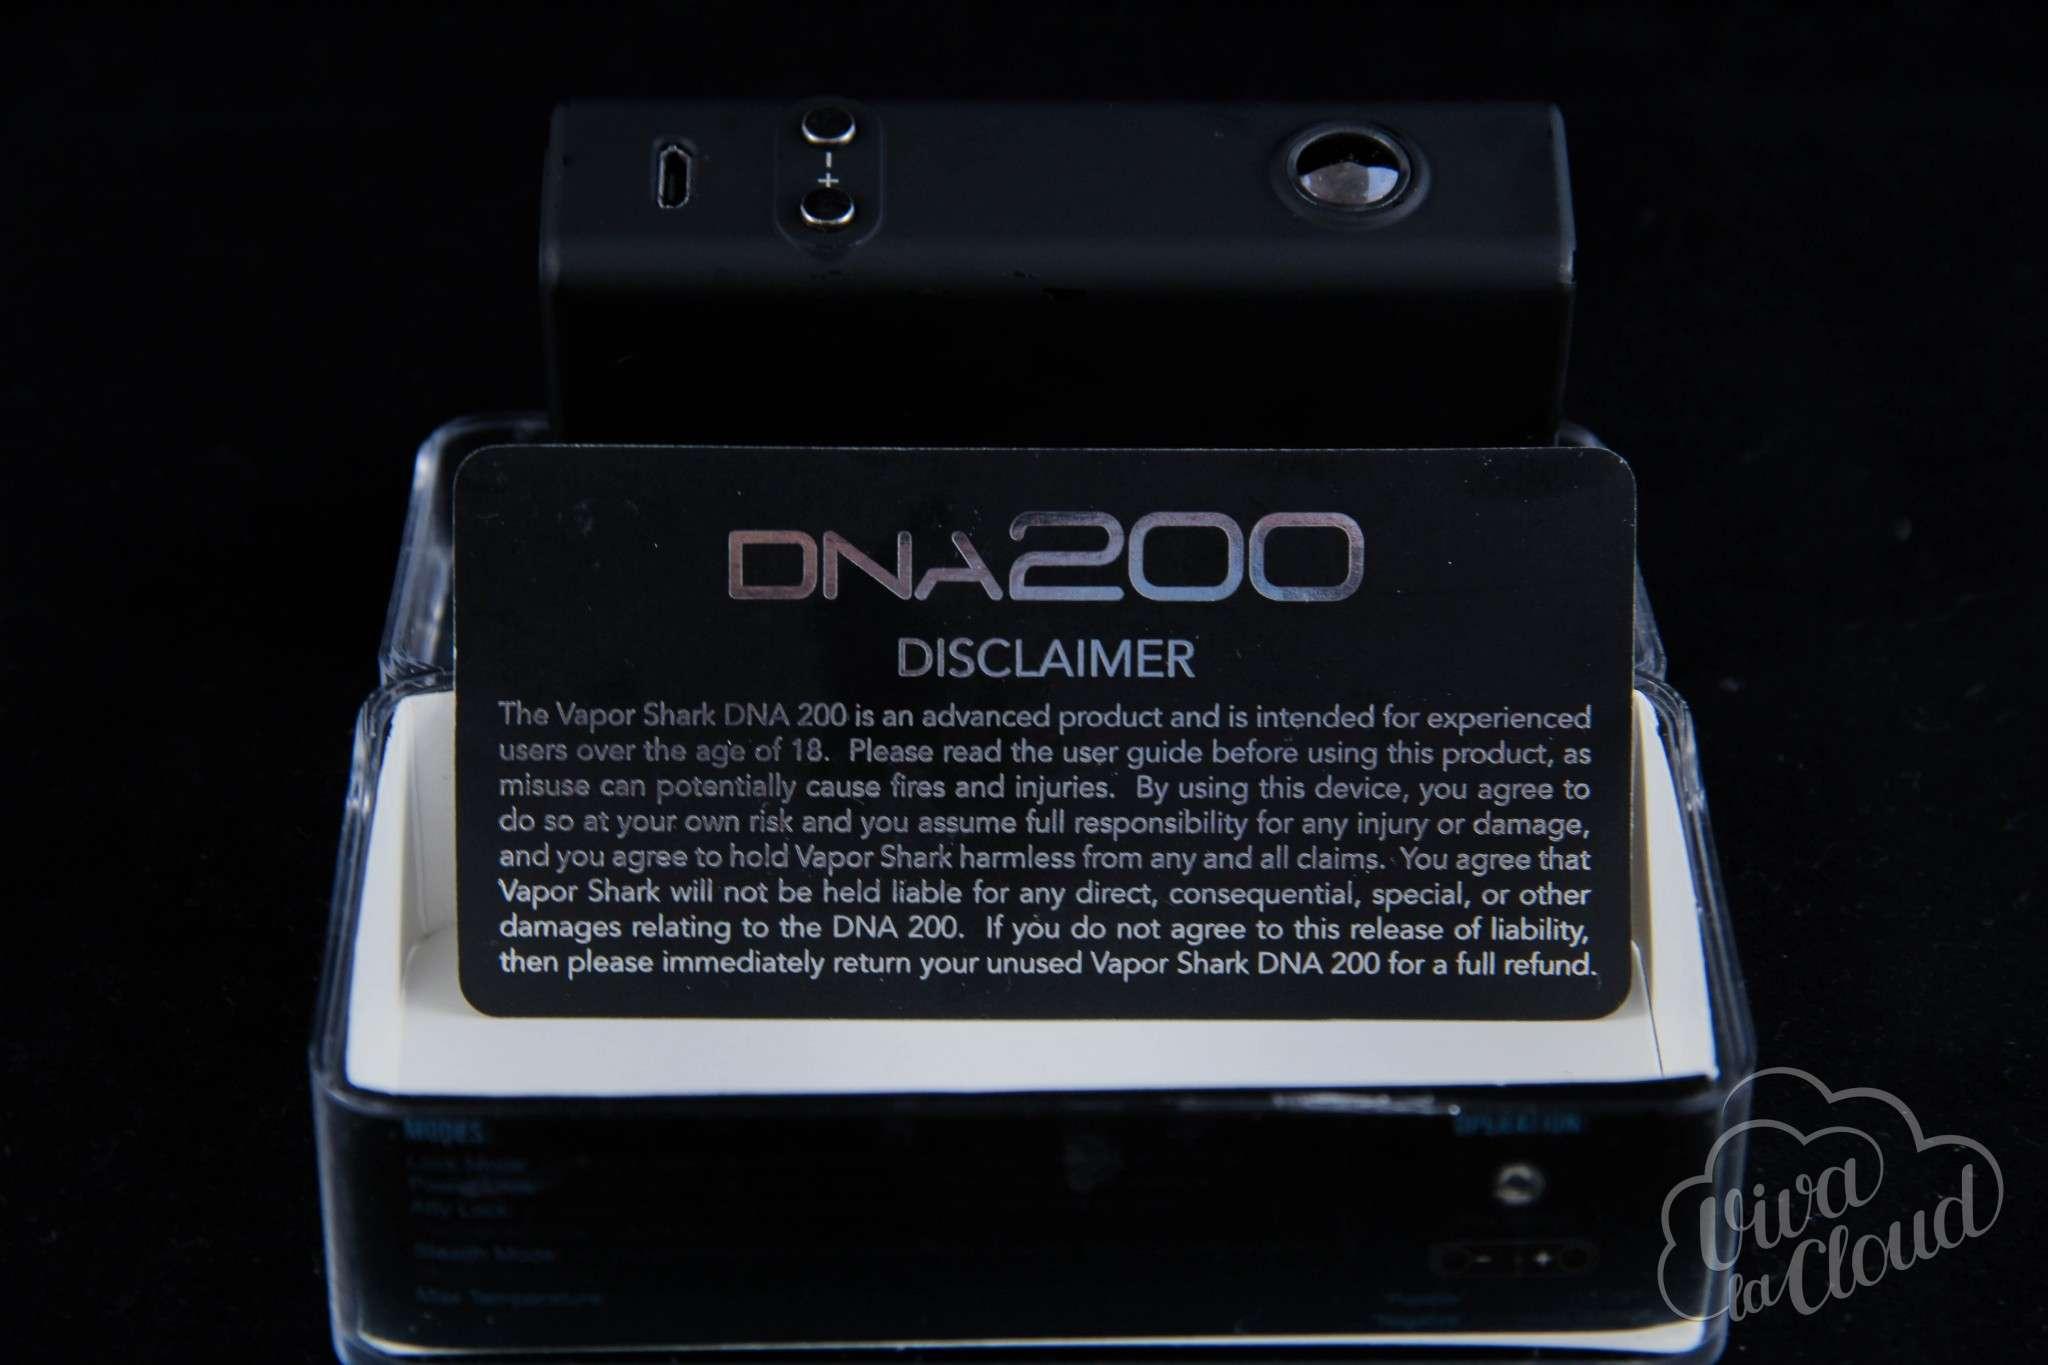 VaporShark DNA200